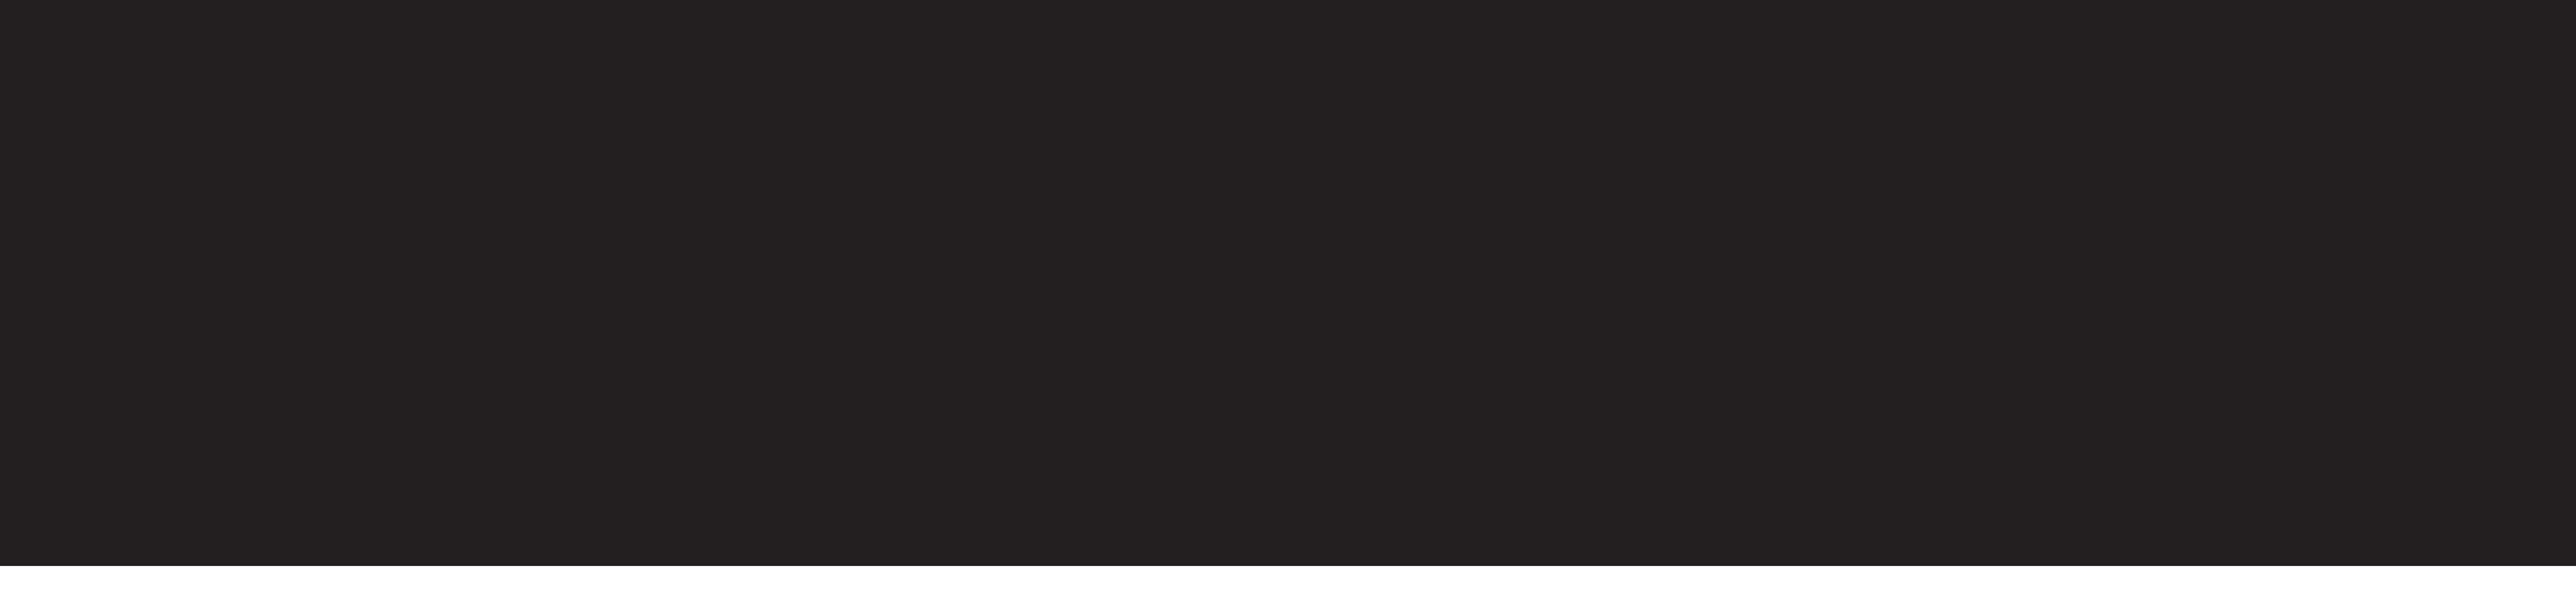 Deco Lace Transparent PNG Clip Art Image.